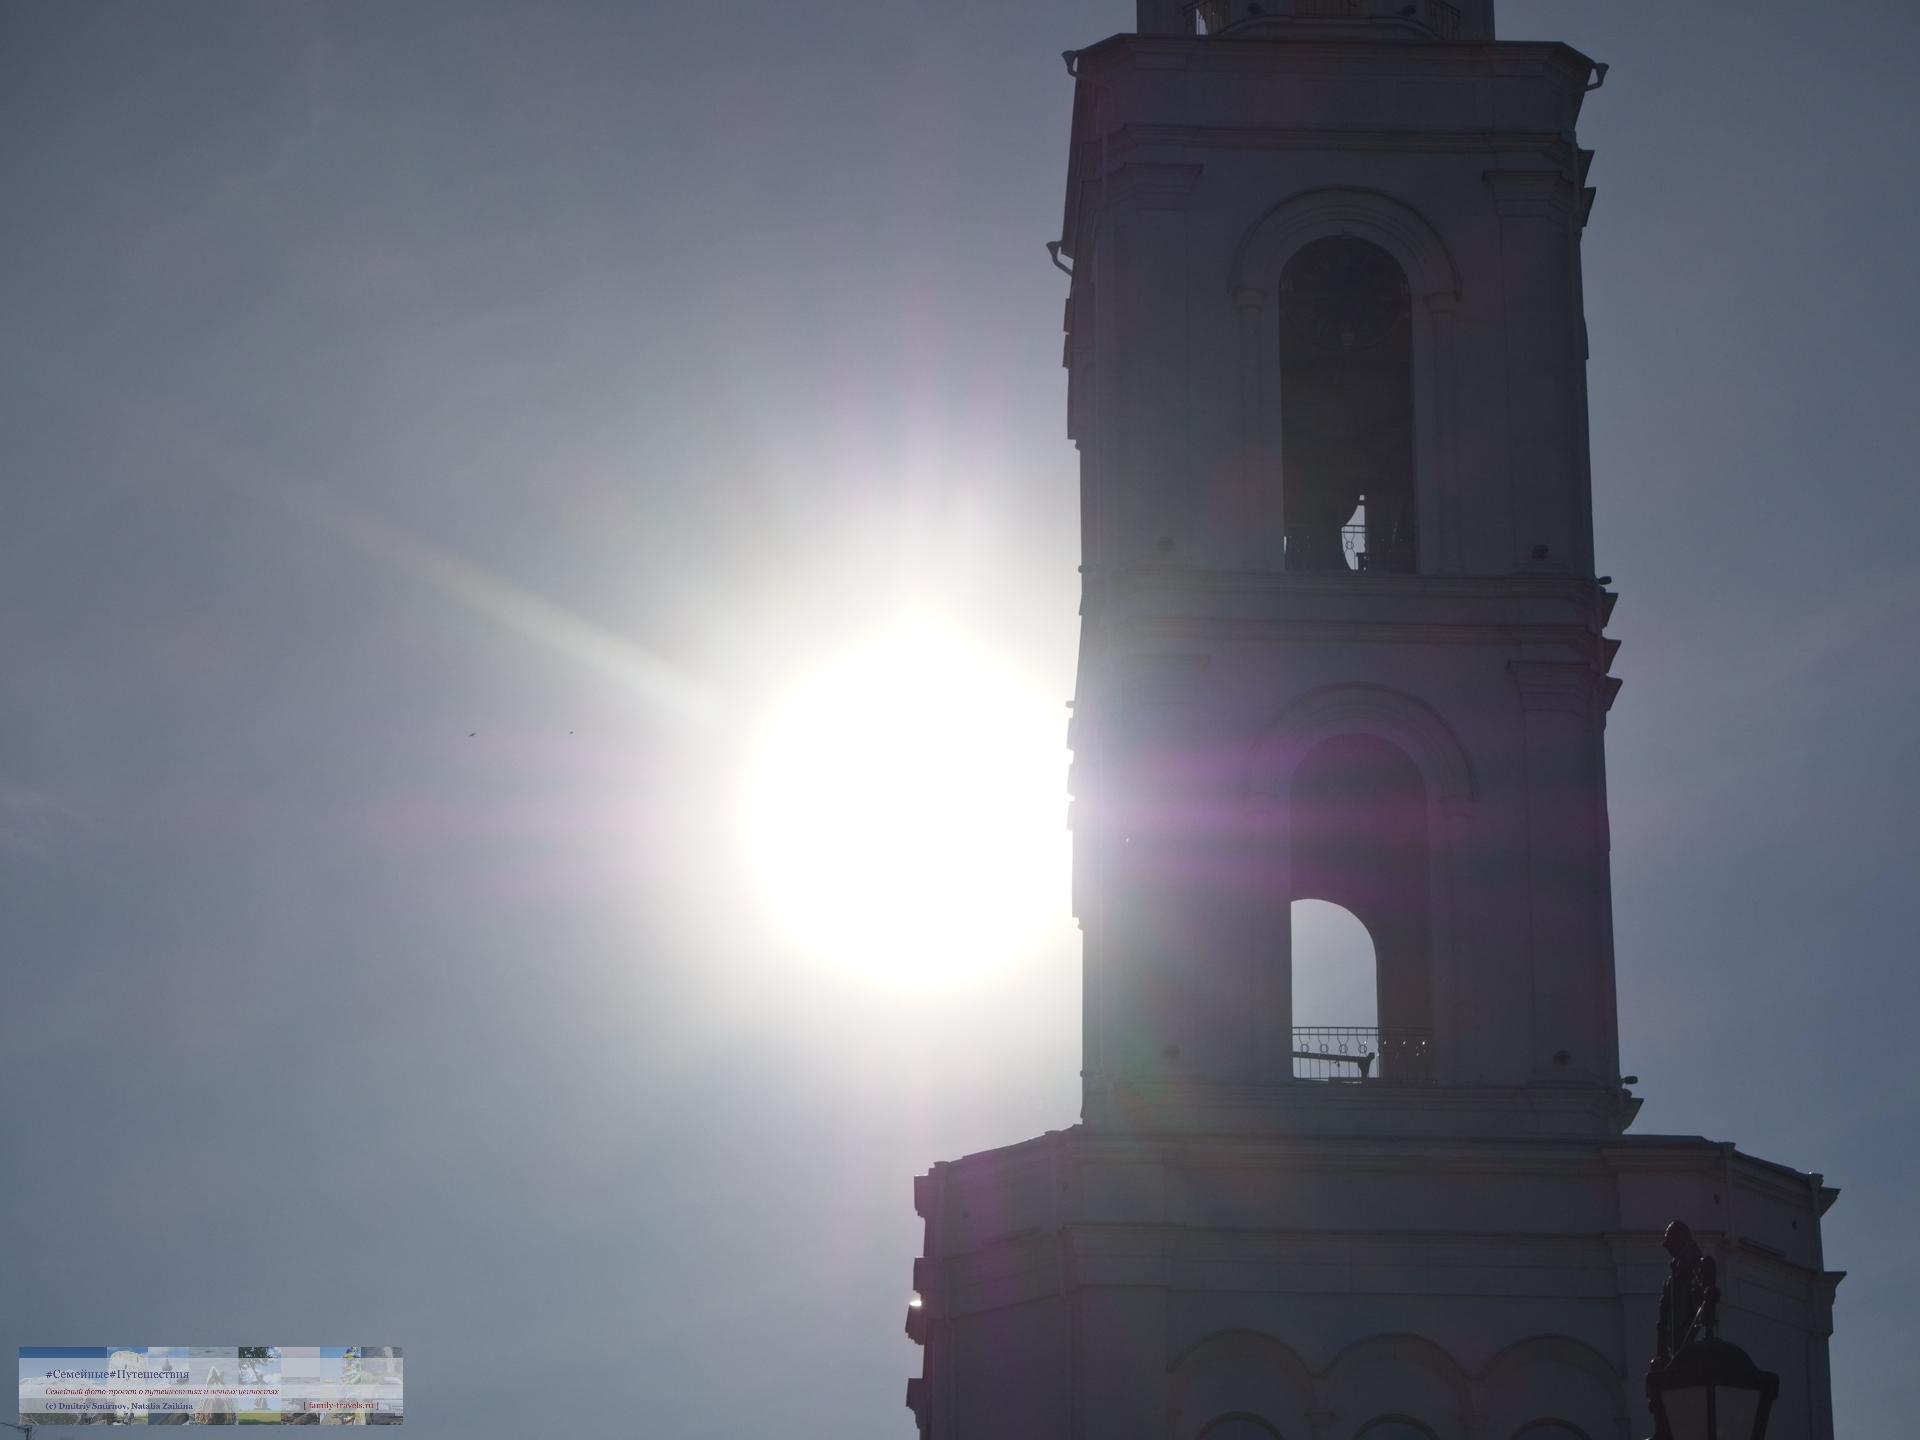 Путешествия  Бегом по Самаре (Иверский монастырь и пивзавод)